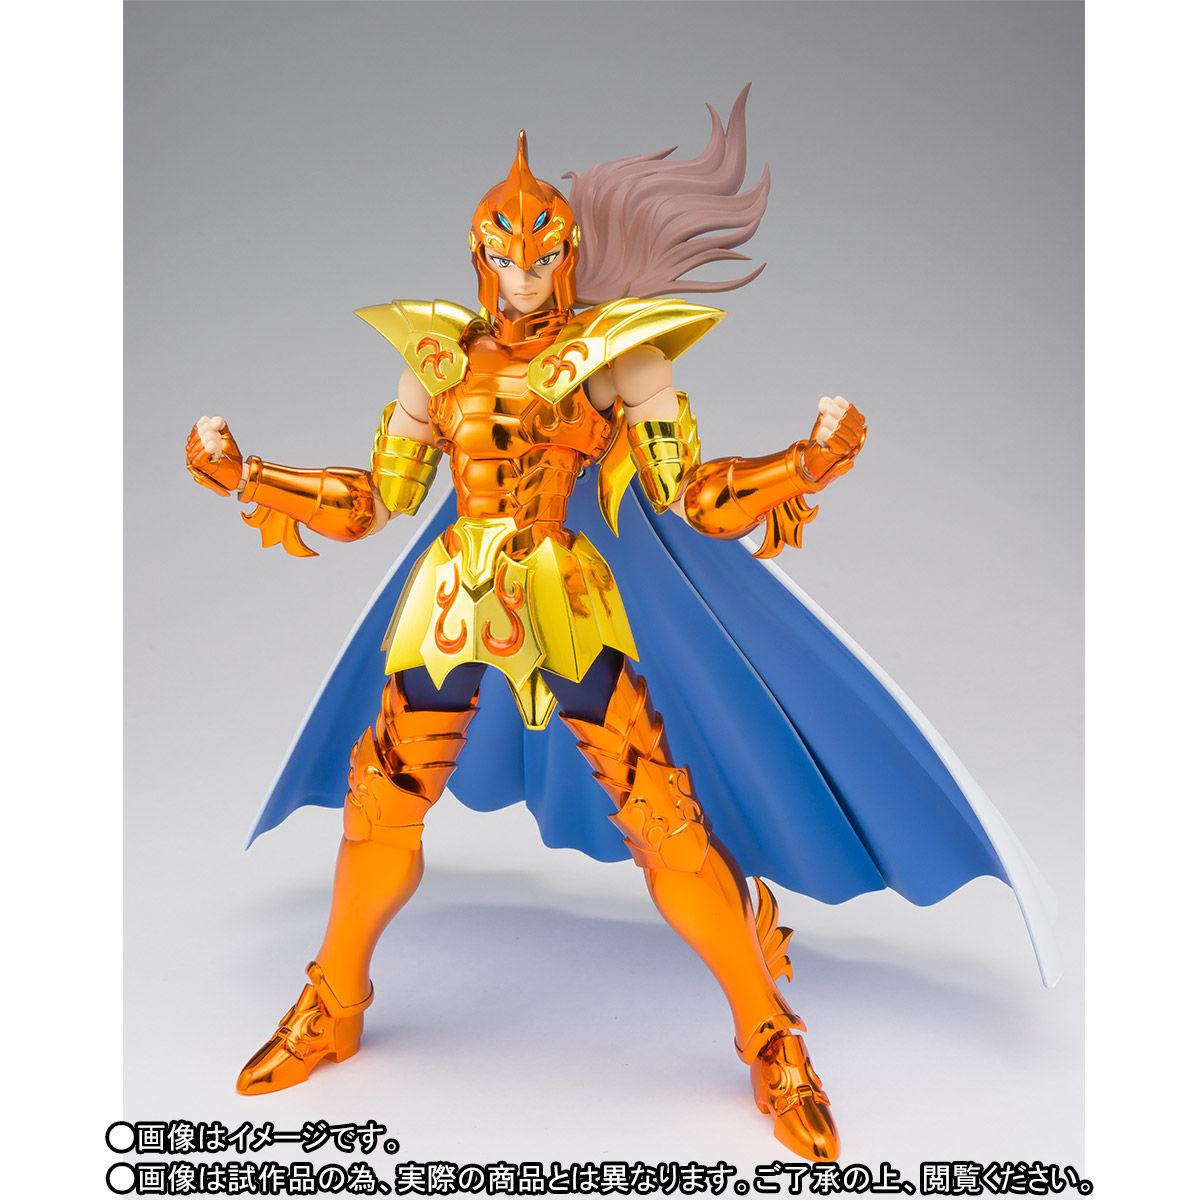 【限定販売】聖闘士聖衣神話EX『シーホースバイアン』聖闘士星矢 可動フィギュア-003